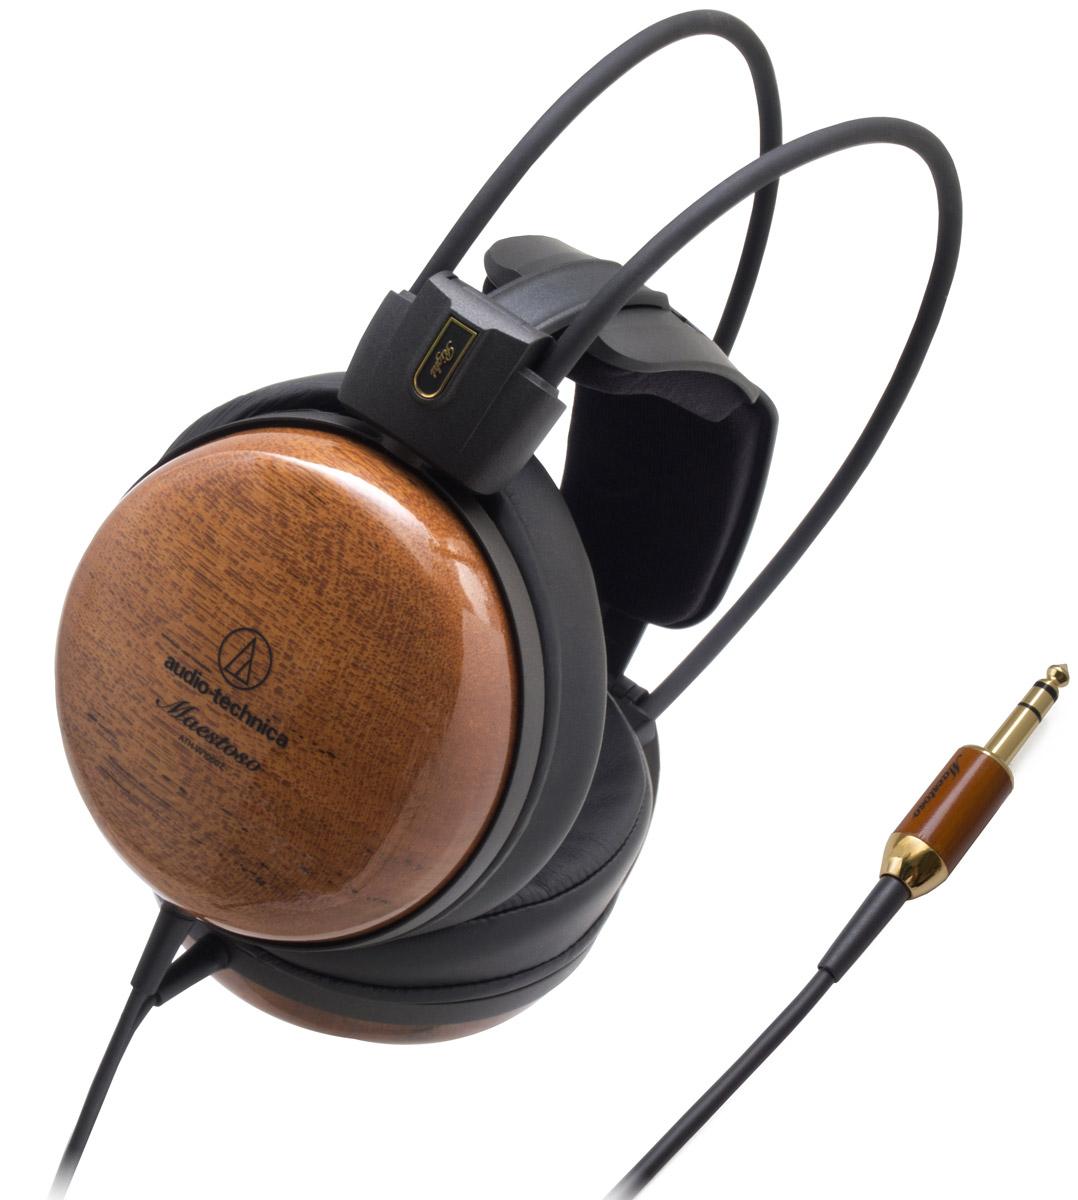 Audio-Technica ATH-W1000Z наушники15118479Audio-Technica ATH-W1000Z – выдающиеся Hi-Fi-наушники со звуком высокого разрешения.Благодаря чашкам из тика, одной из трёх самых ценных пород дерева в мире, эти наушники обеспечивают великолепное тёплое звучание с сочными басами. Кроме того, низкочастотный диапазон расширен за счёт применения эксклюзивной технологии двойного демпфирования вторичных колебаний (D.A.D.S.).53-миллиметровые драйверы, оснащённые звуковыми катушками с обмоткой из бескислородной меди (OFC-7N), обеспечивают передачу всех нюансов звучания. Лёгкие и при этом очень жёсткие магниевые рамки и дефлекторы помогают уменьшить нежелательные резонансы. Кроме того, резонансы дополнительно гасятся фирменным 3D-креплением наушников, которое также обеспечивает комфортную посадку и позволяет использовать ATH-W1000Z в течение длительного времени.Наушники оснащены 3-метровым двусторонним кабелем с оплёткой из термопластичного эластомера, предотвращающей спутывание.